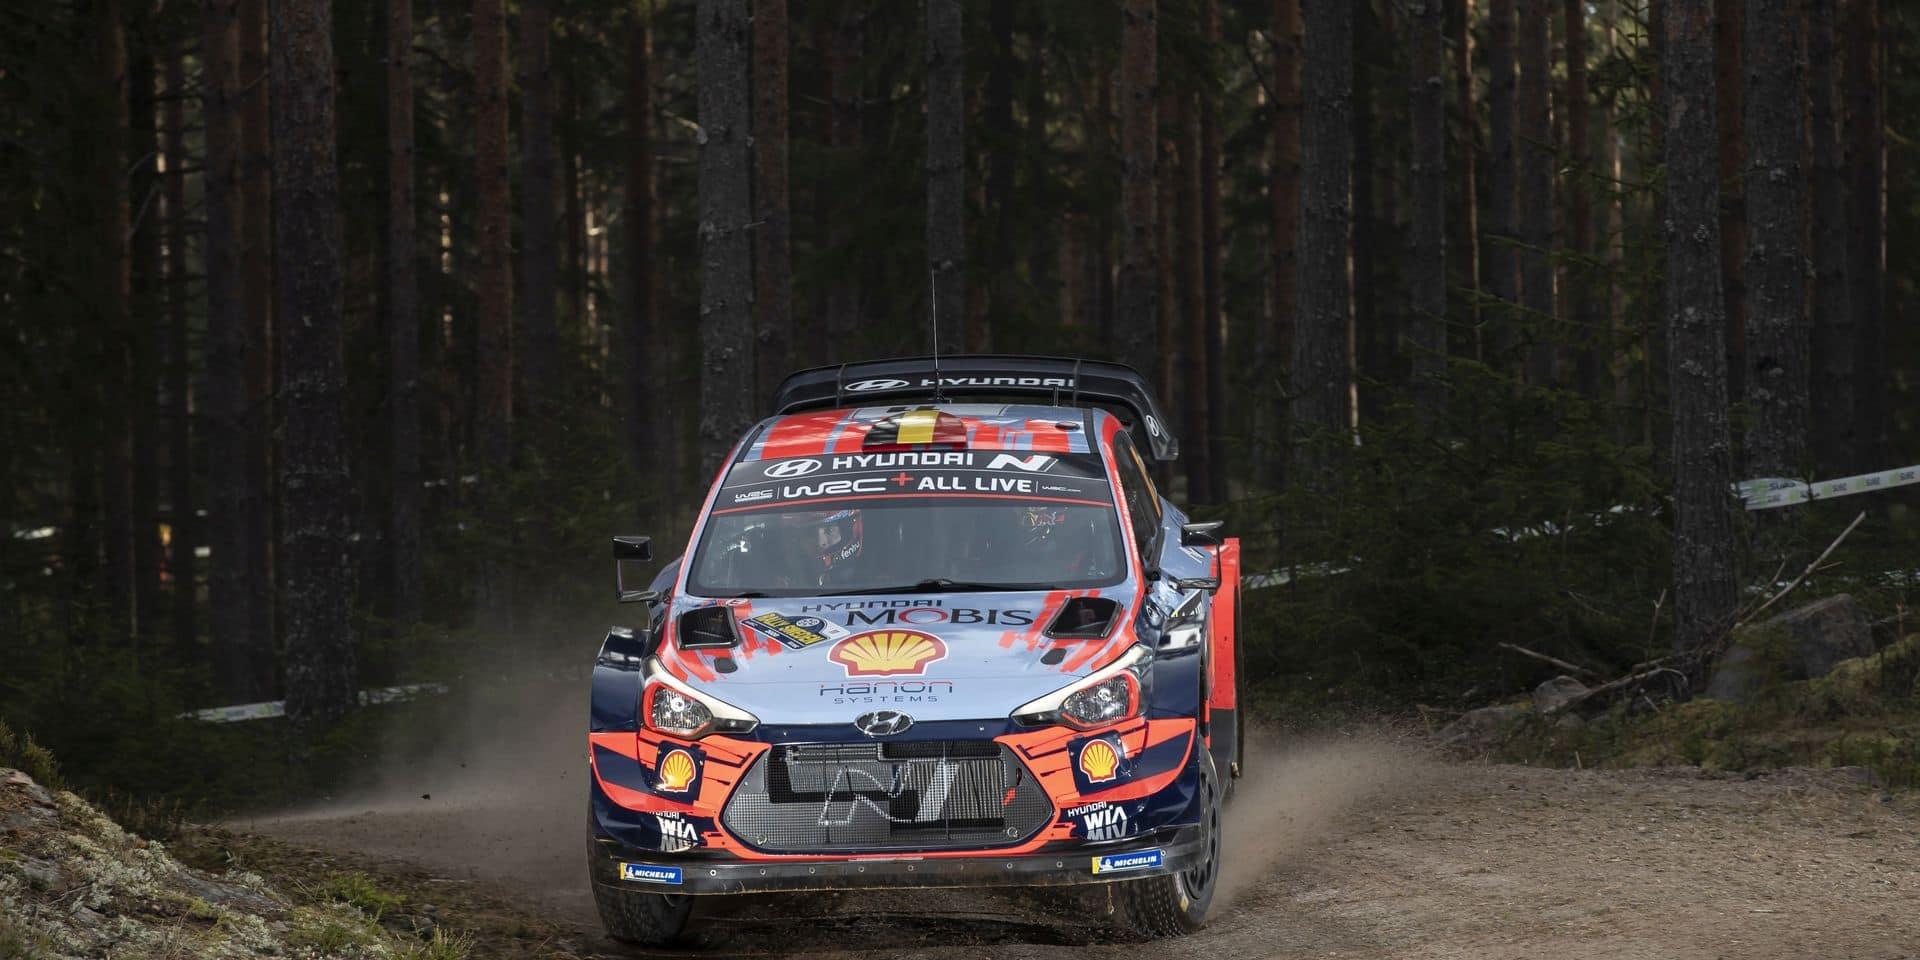 """Thierry Neuville avant le Rallye de Suède : """"Pas une bonne idée de nous emmener ici """""""